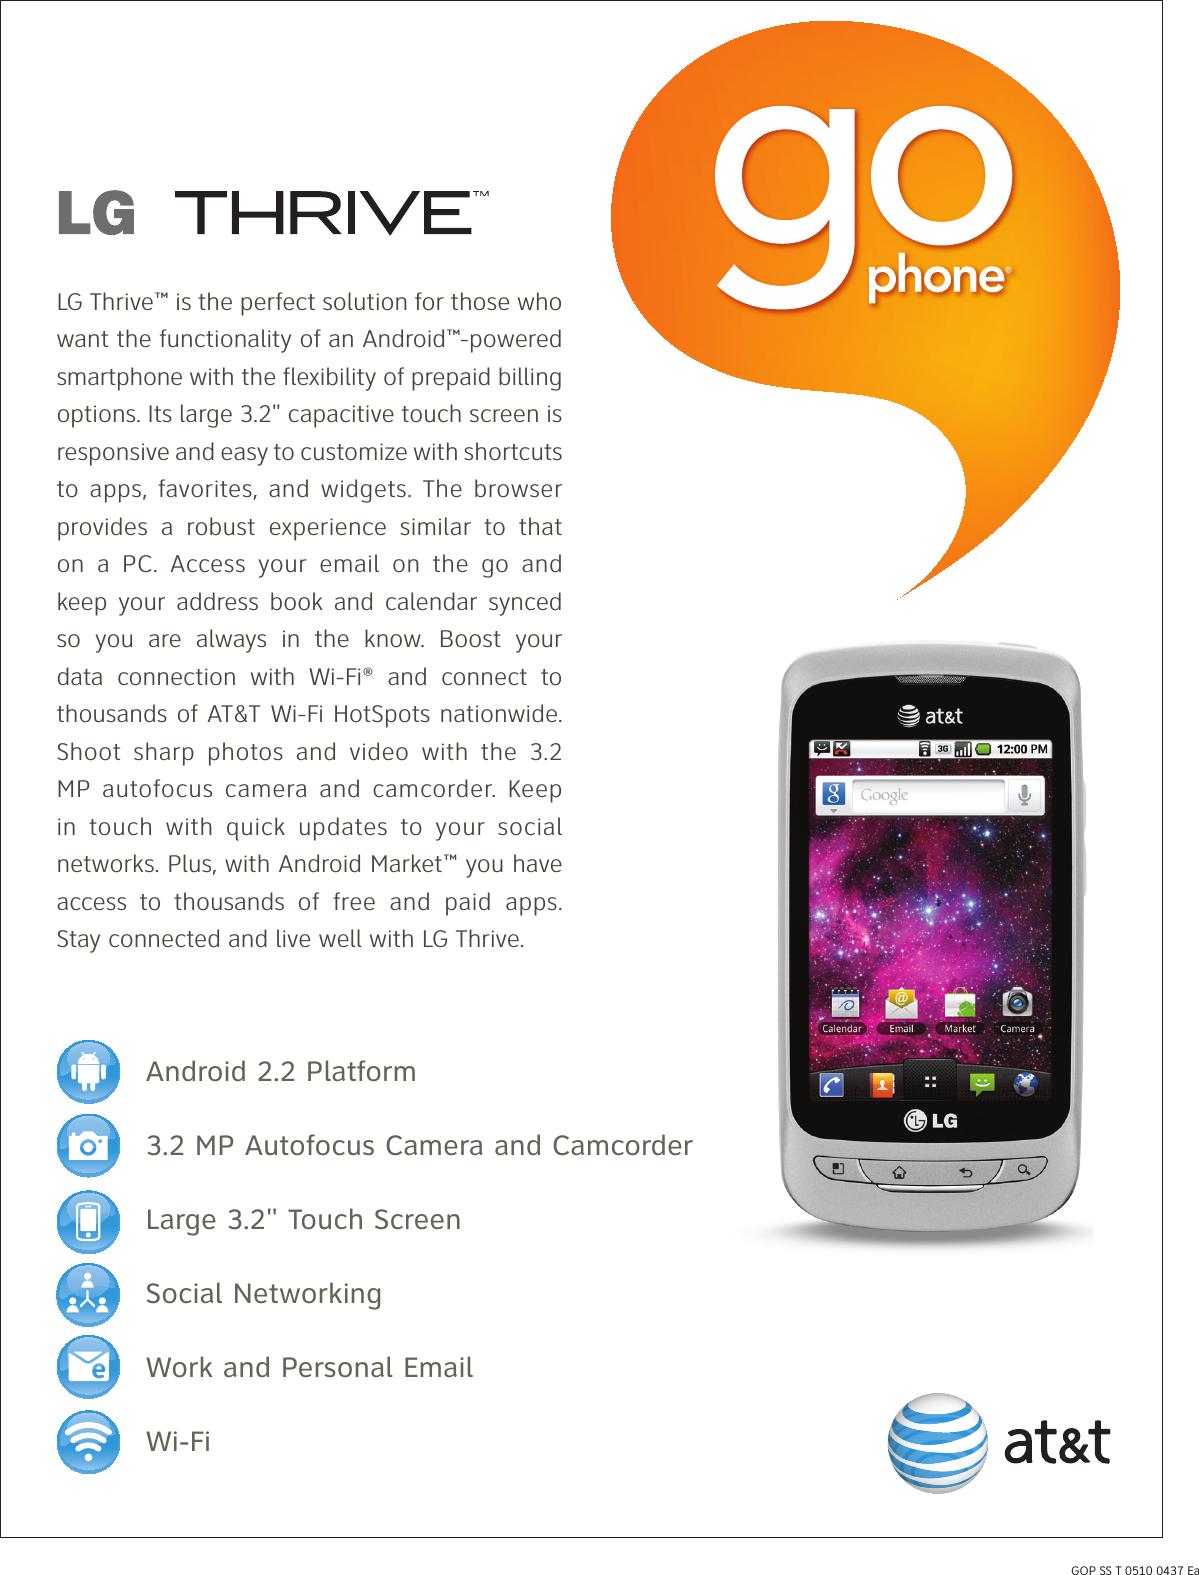 lg p506 user manual data sheet thrive go phone datasheet v2 rh usermanual wiki sprint go flip phone user guide Cell Phone User Guide